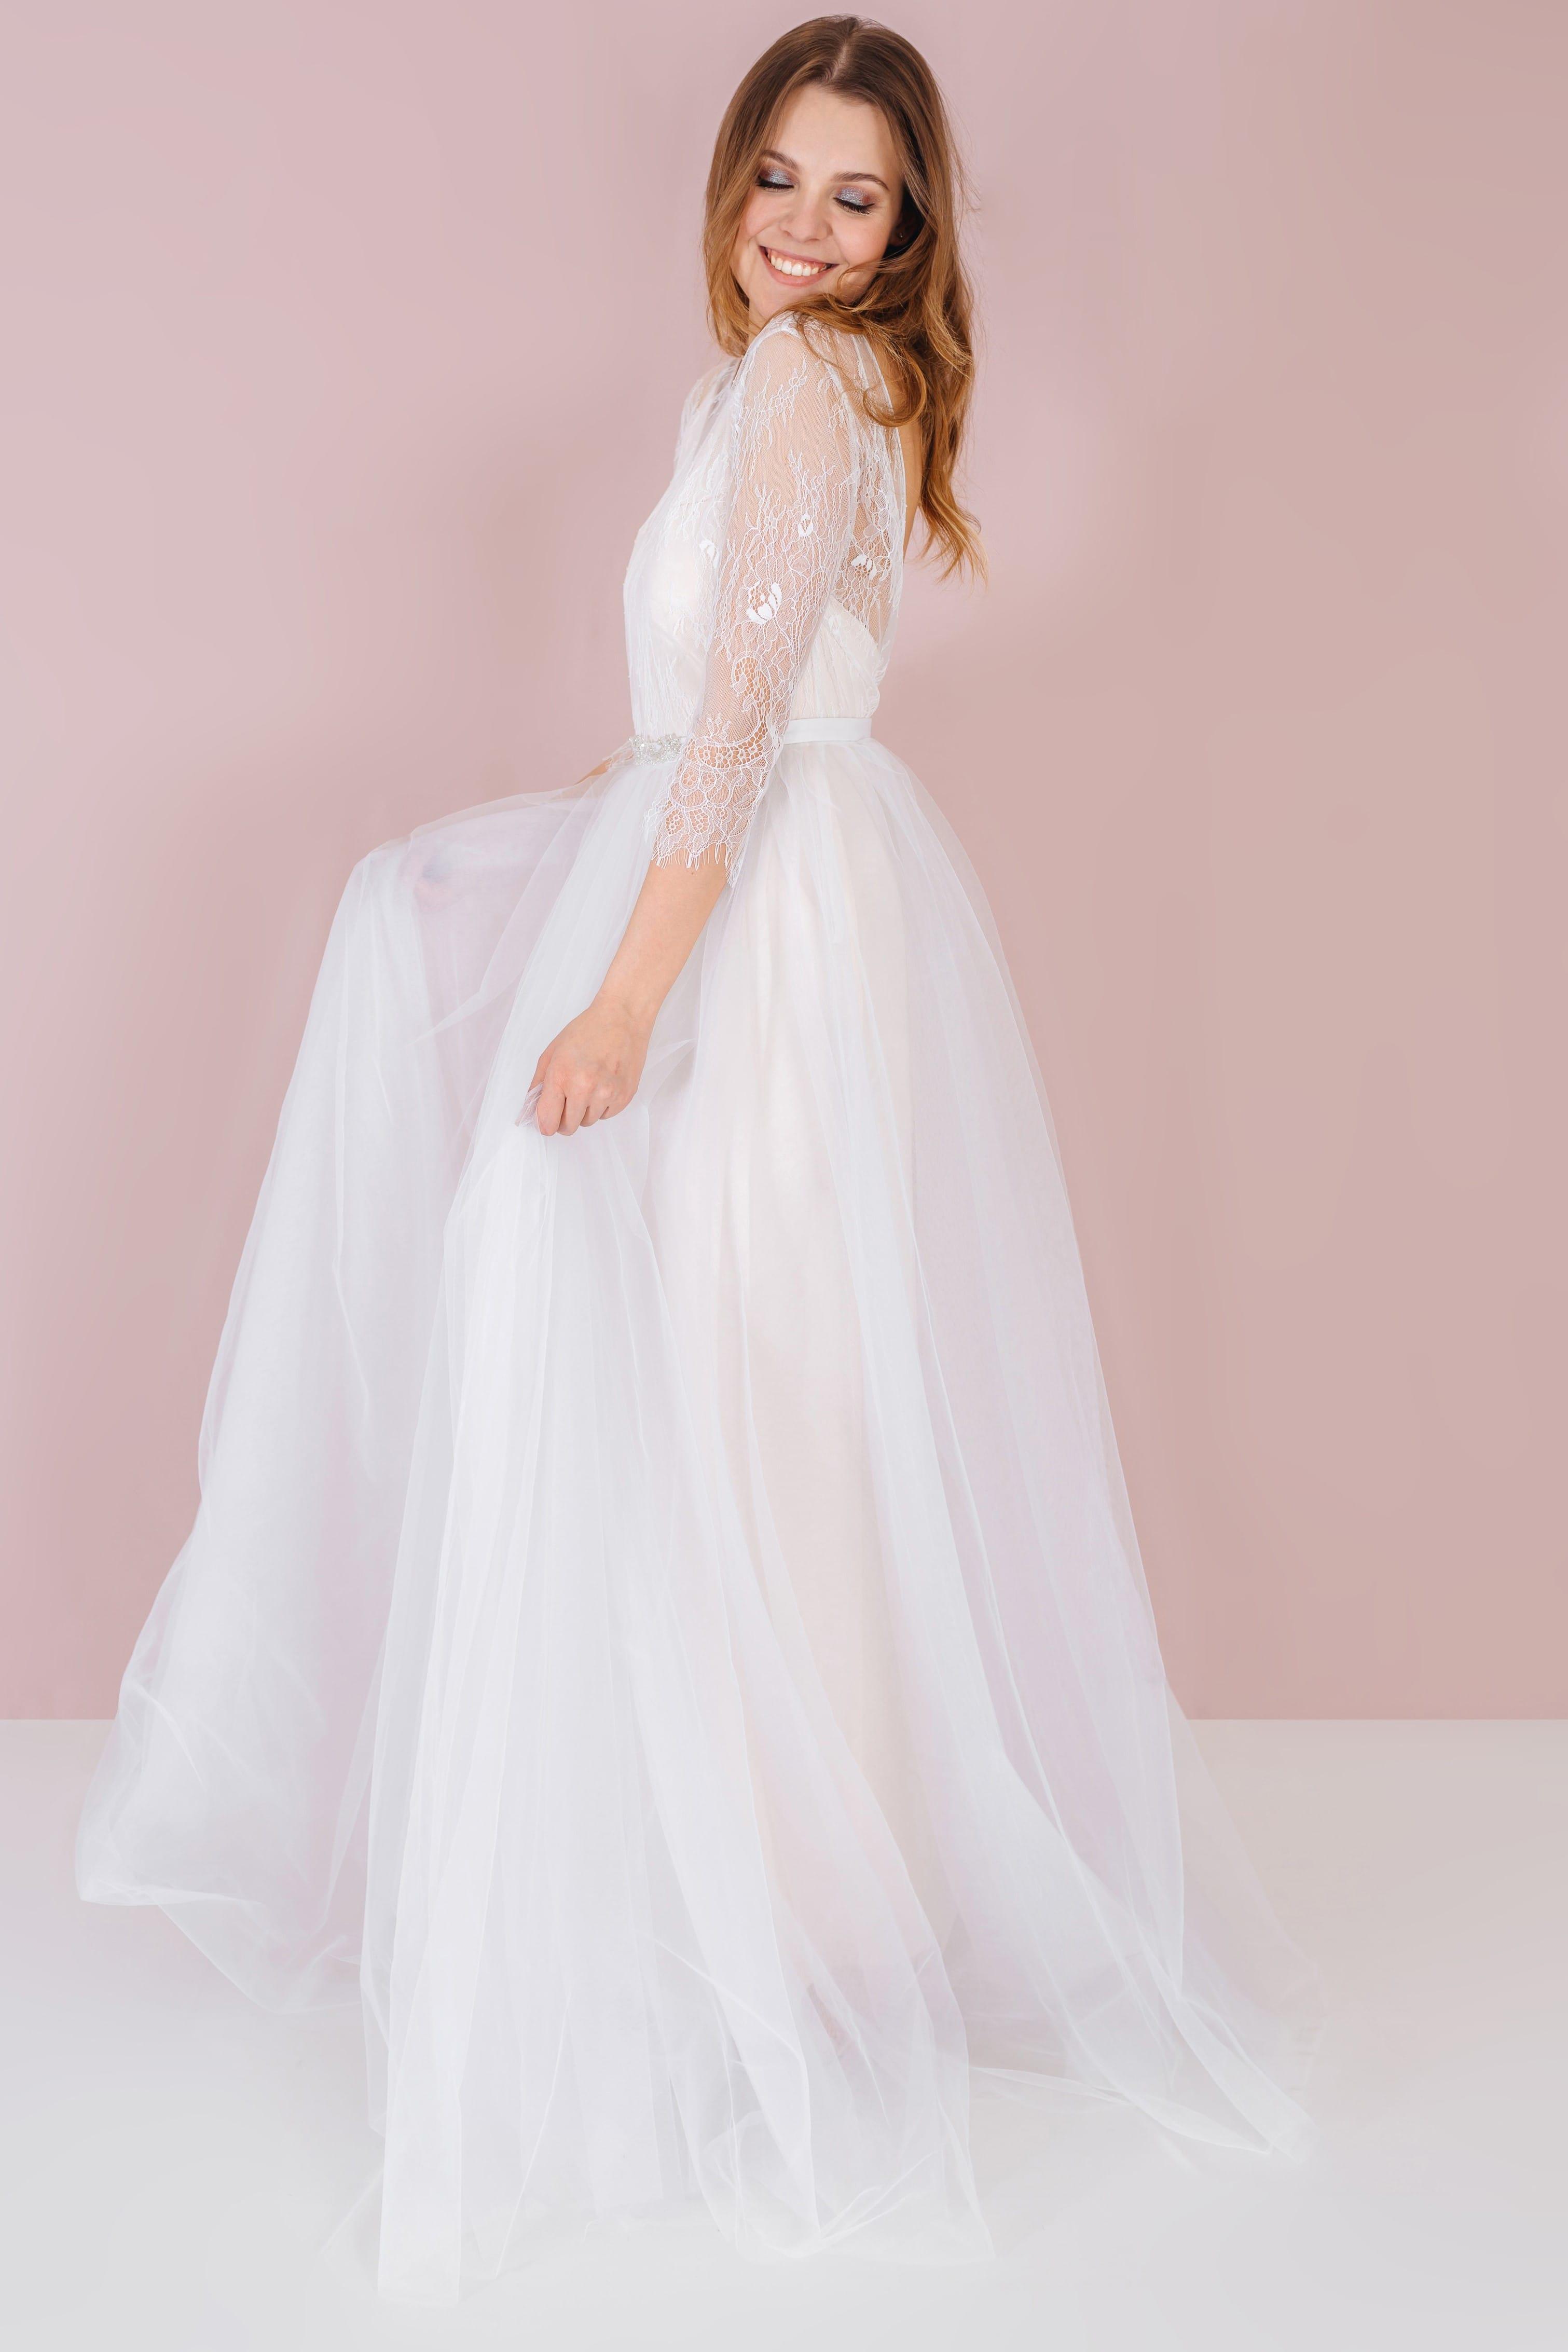 Свадебное платье GENIFER, коллекция LOFT, бренд RARE BRIDAL, фото 1